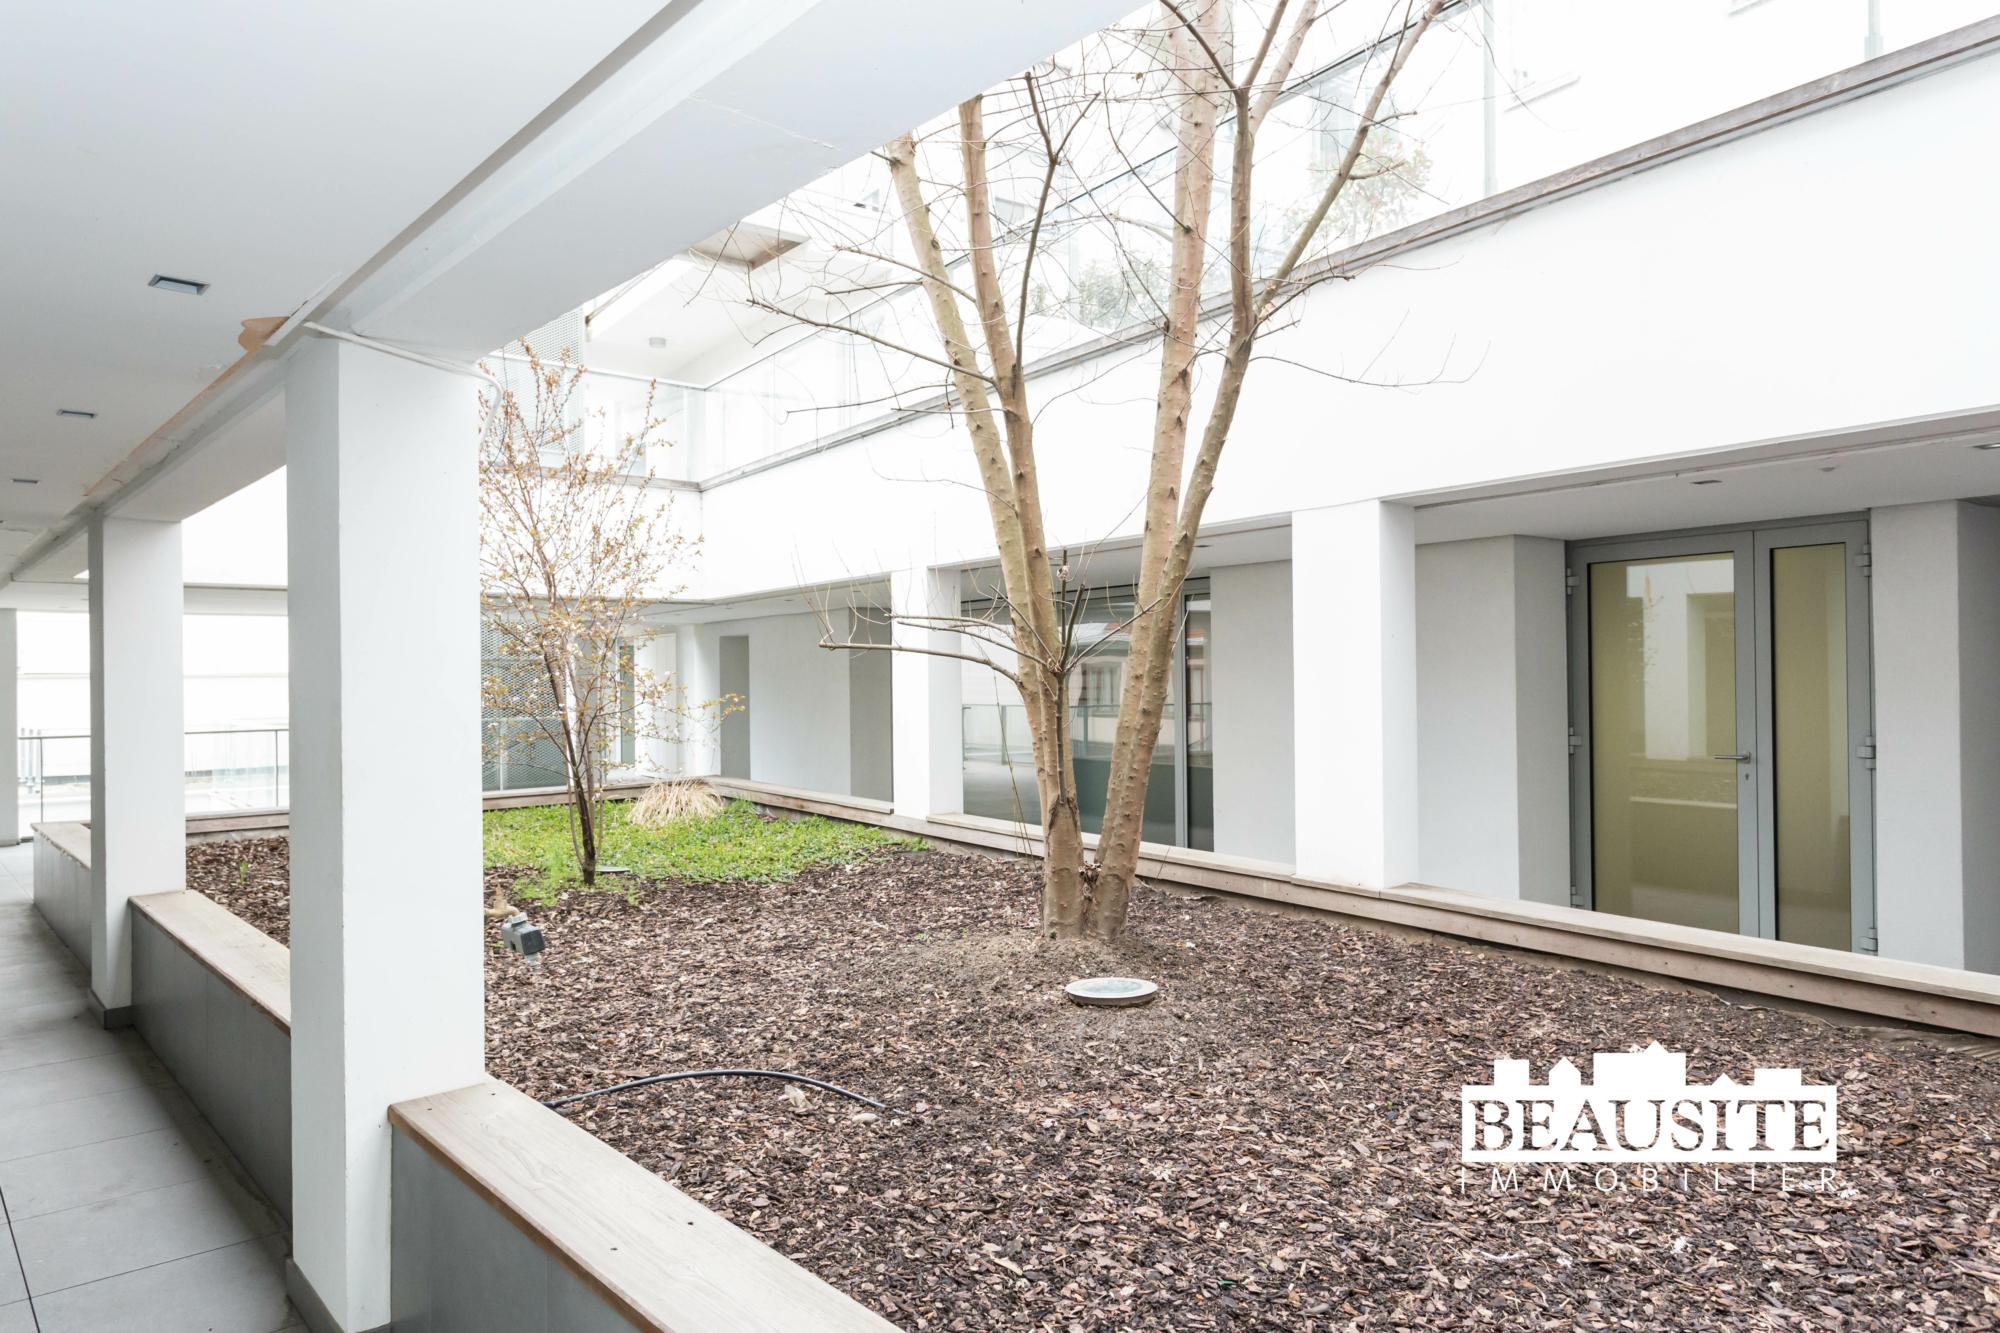 [Plaza] Beau local professionnel dans l'hypercentre de Strasbourg - rue du Noyer - nos ventes - Beausite Immobilier 2